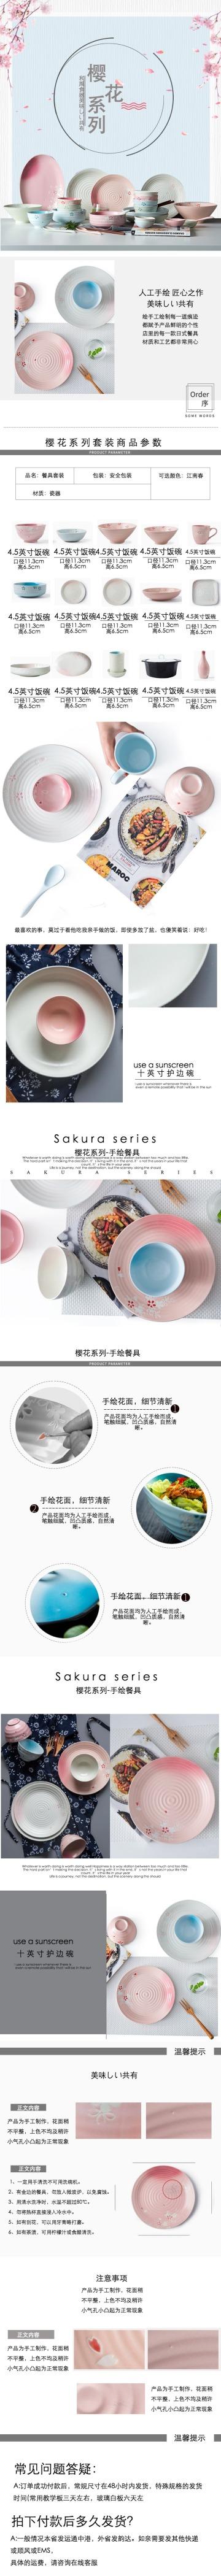 清新简约时尚浪漫餐具电商详情图